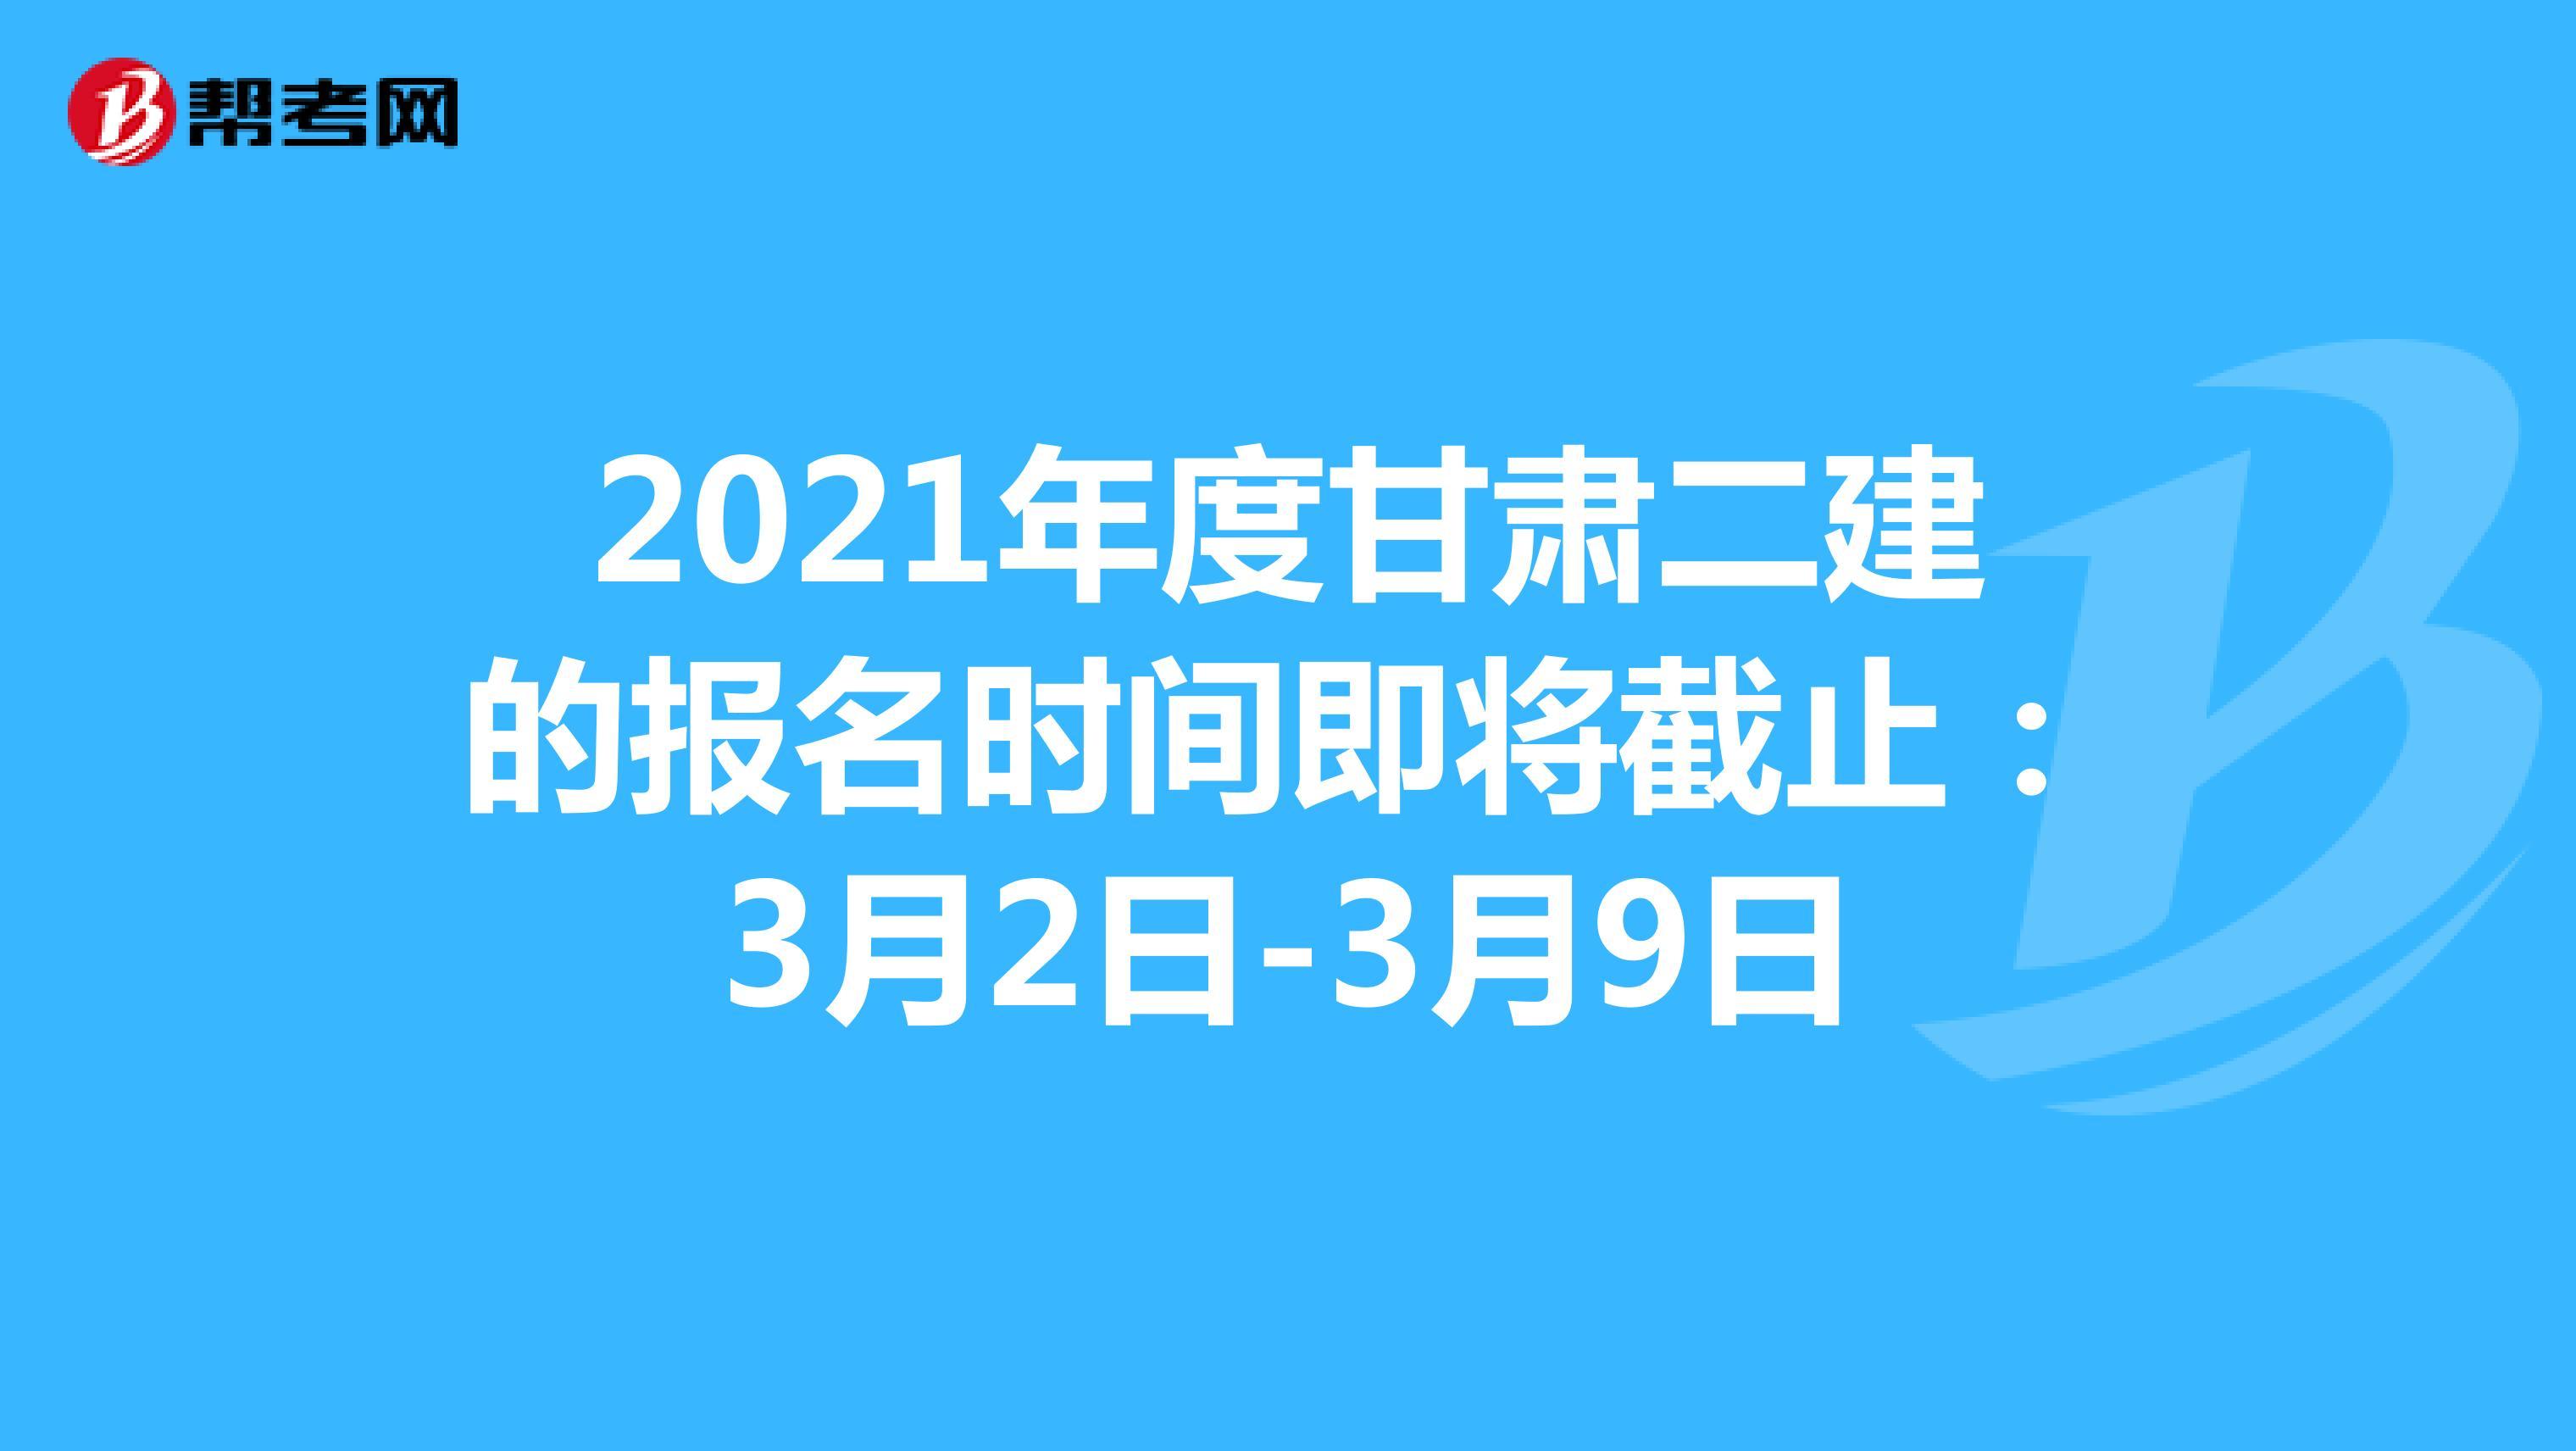 2021年度甘肃二建的报名时间即将截止:3月2日-3月9日